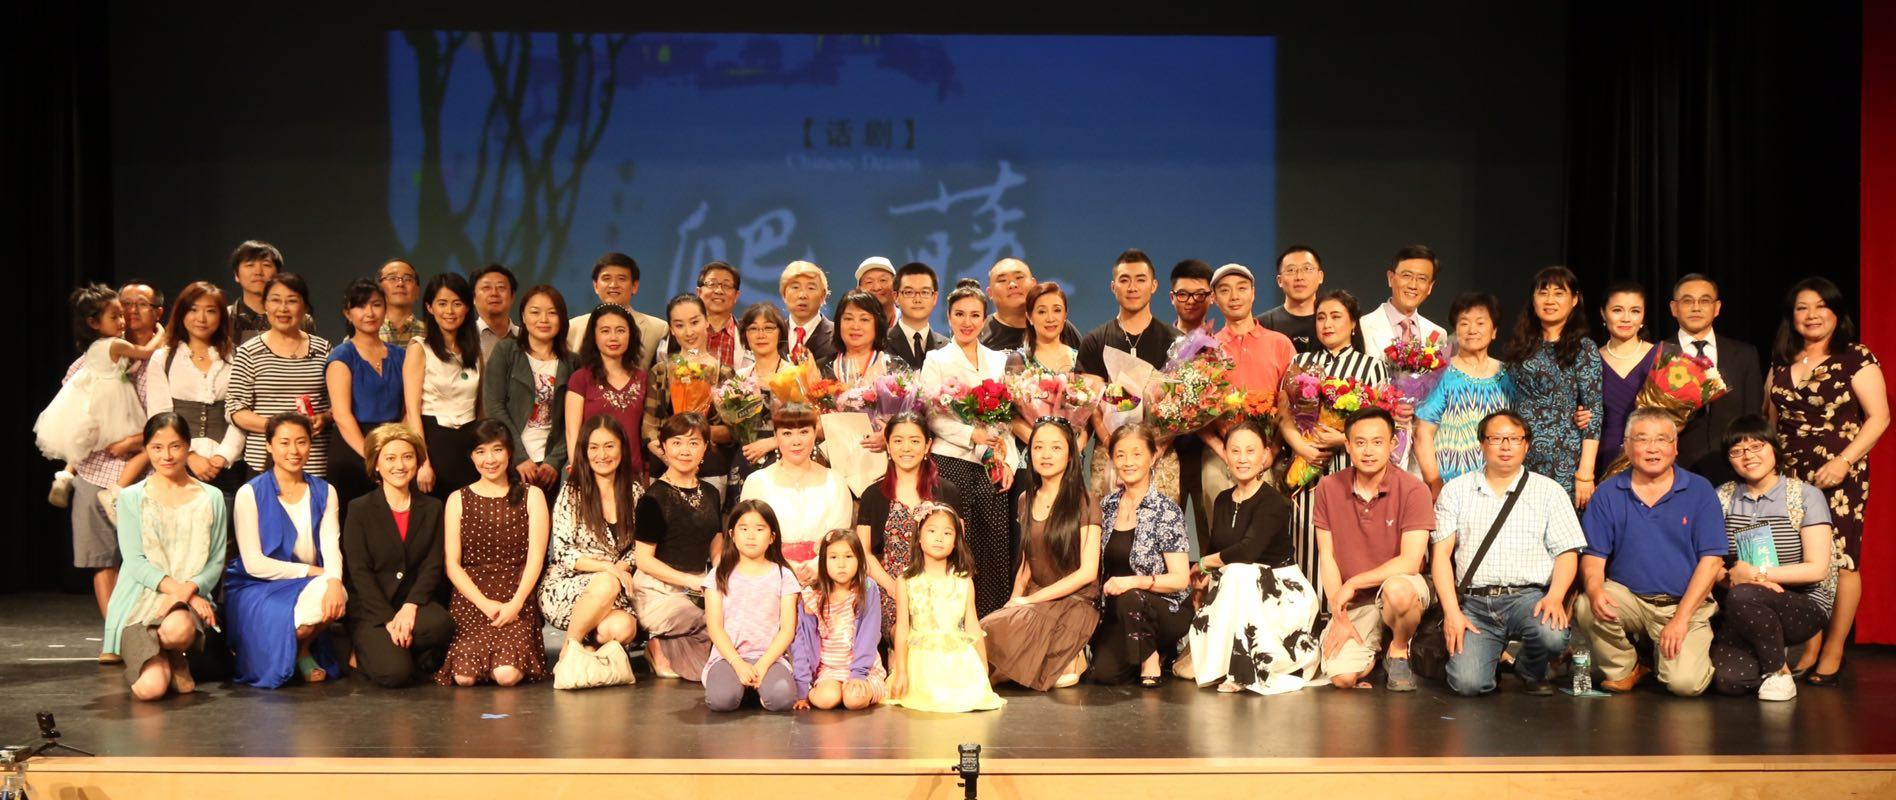 各大華人聚集區紛紛組建劇社演出,美國華人戲劇協會應運而生。圖為話劇「爬藤」的演出合影。(華人戲劇協會提供)